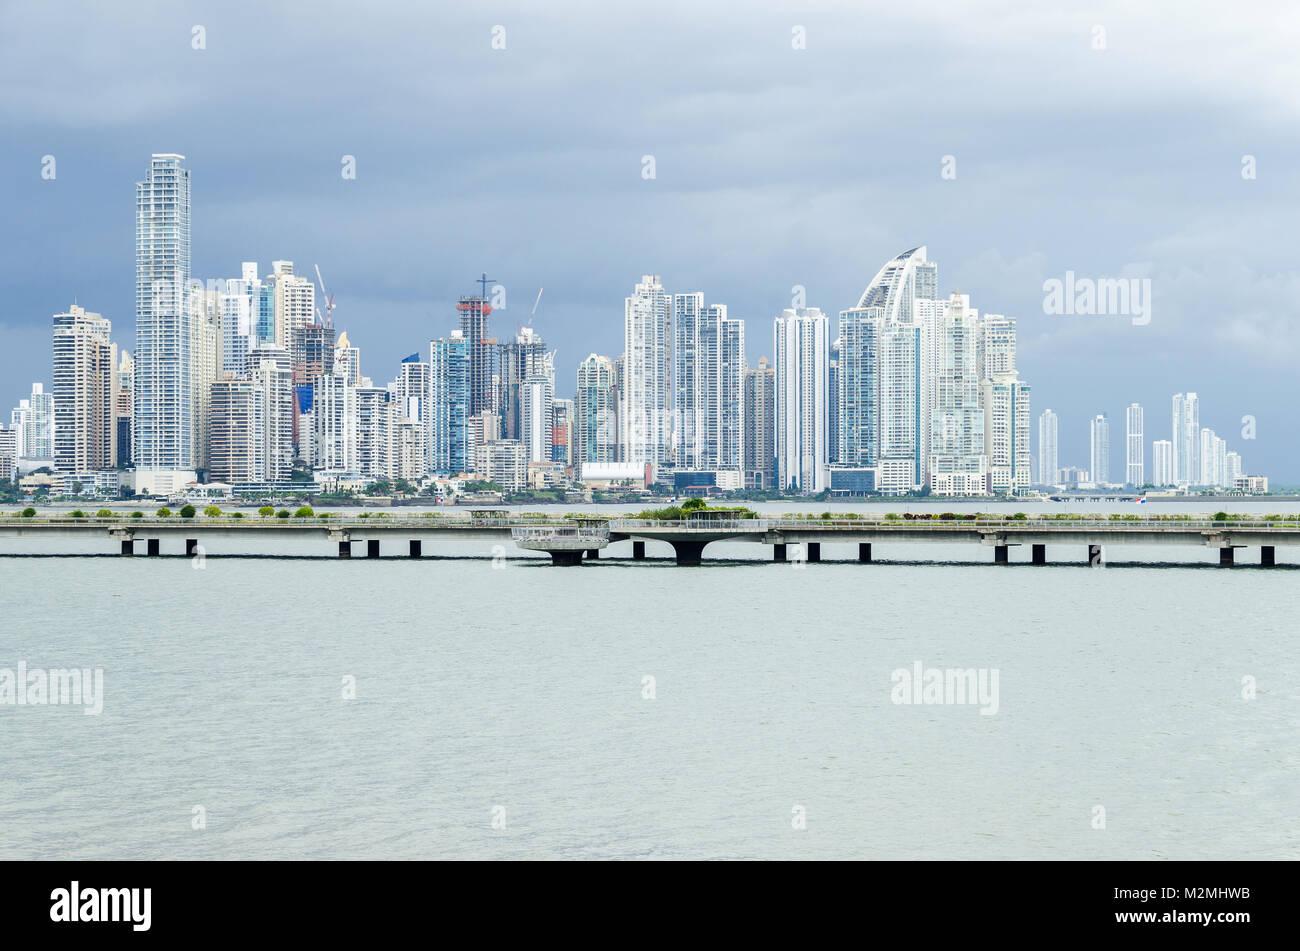 37040f3813 Panama City, Panama - 3 Novembre 2017: boom di costruzione nella città di  Panama. Skyline della Città di Panama in un giorno nuvoloso con edifici  moderni.